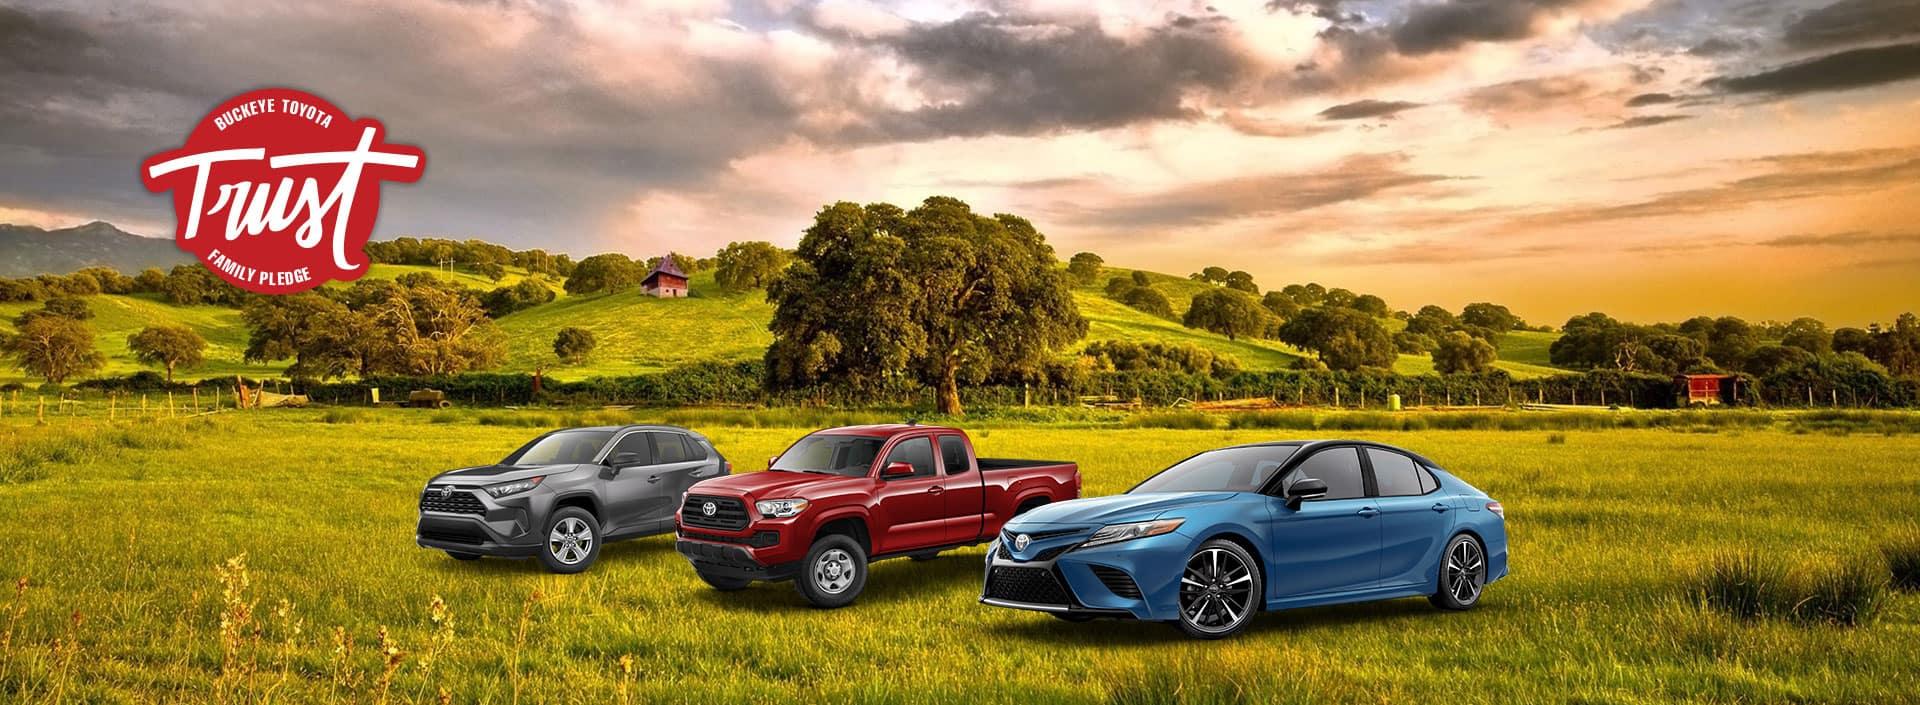 Car Dealerships In Lancaster Ohio >> Buckeye Toyota Toyota Dealer In Lancaster Serving Logan